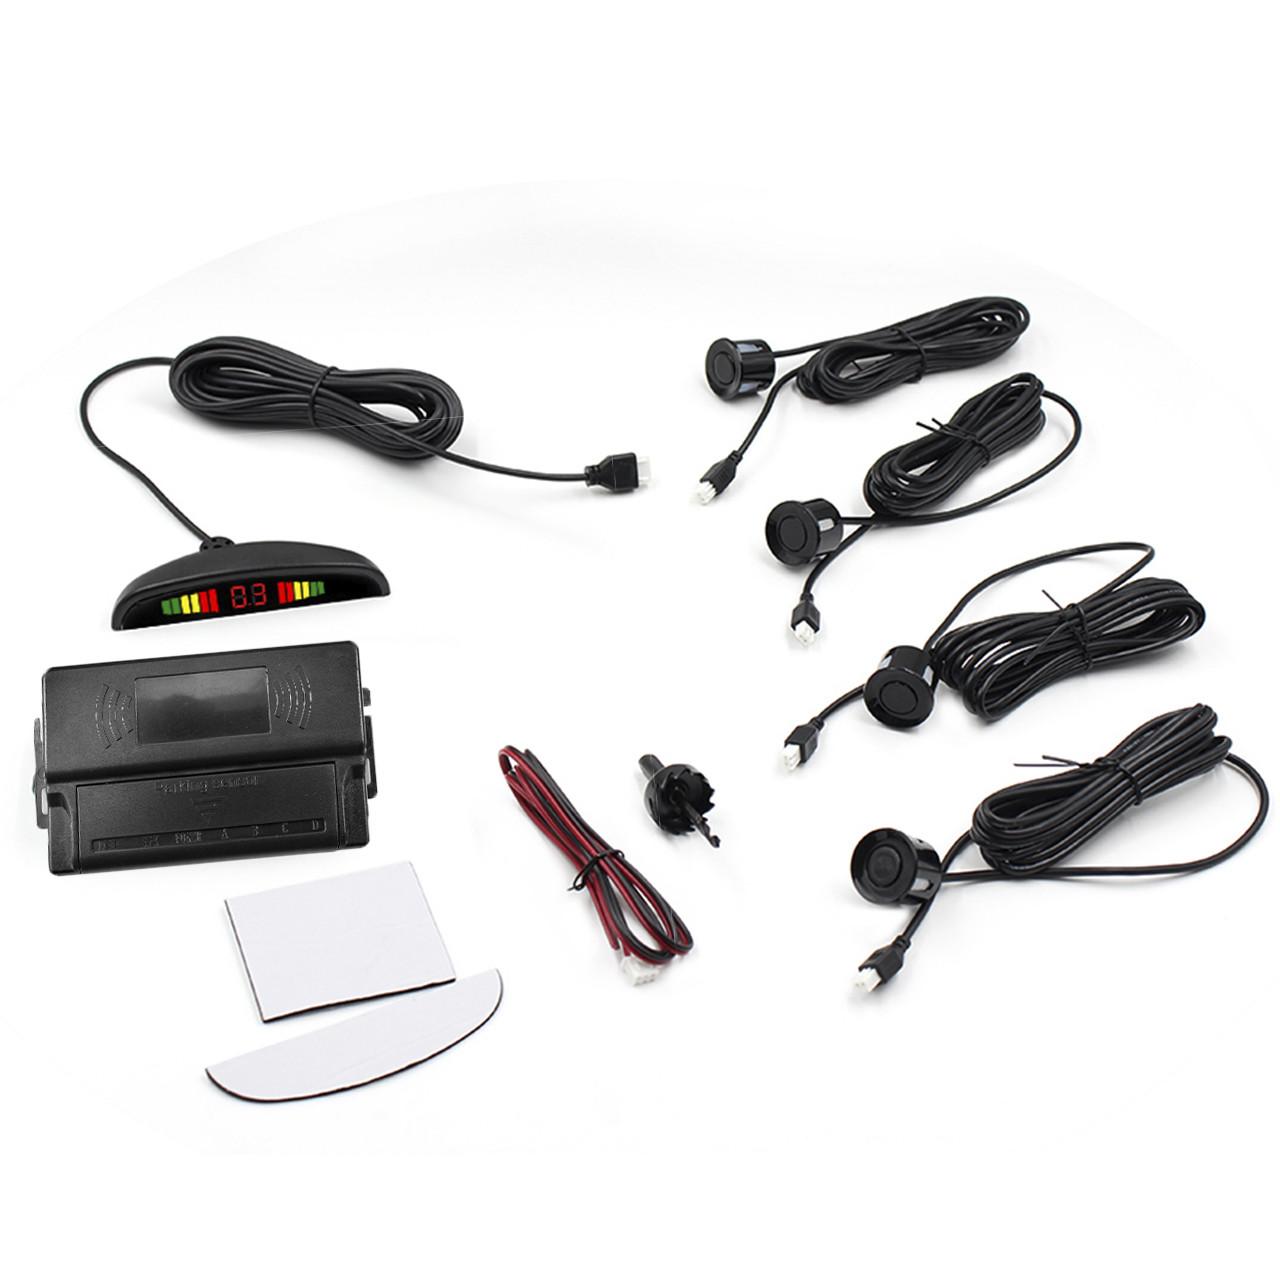 Датчик парковки ParkCity с LED дисплеем N887 Black detectors 4 датчика индикация паркторник для автомобиля